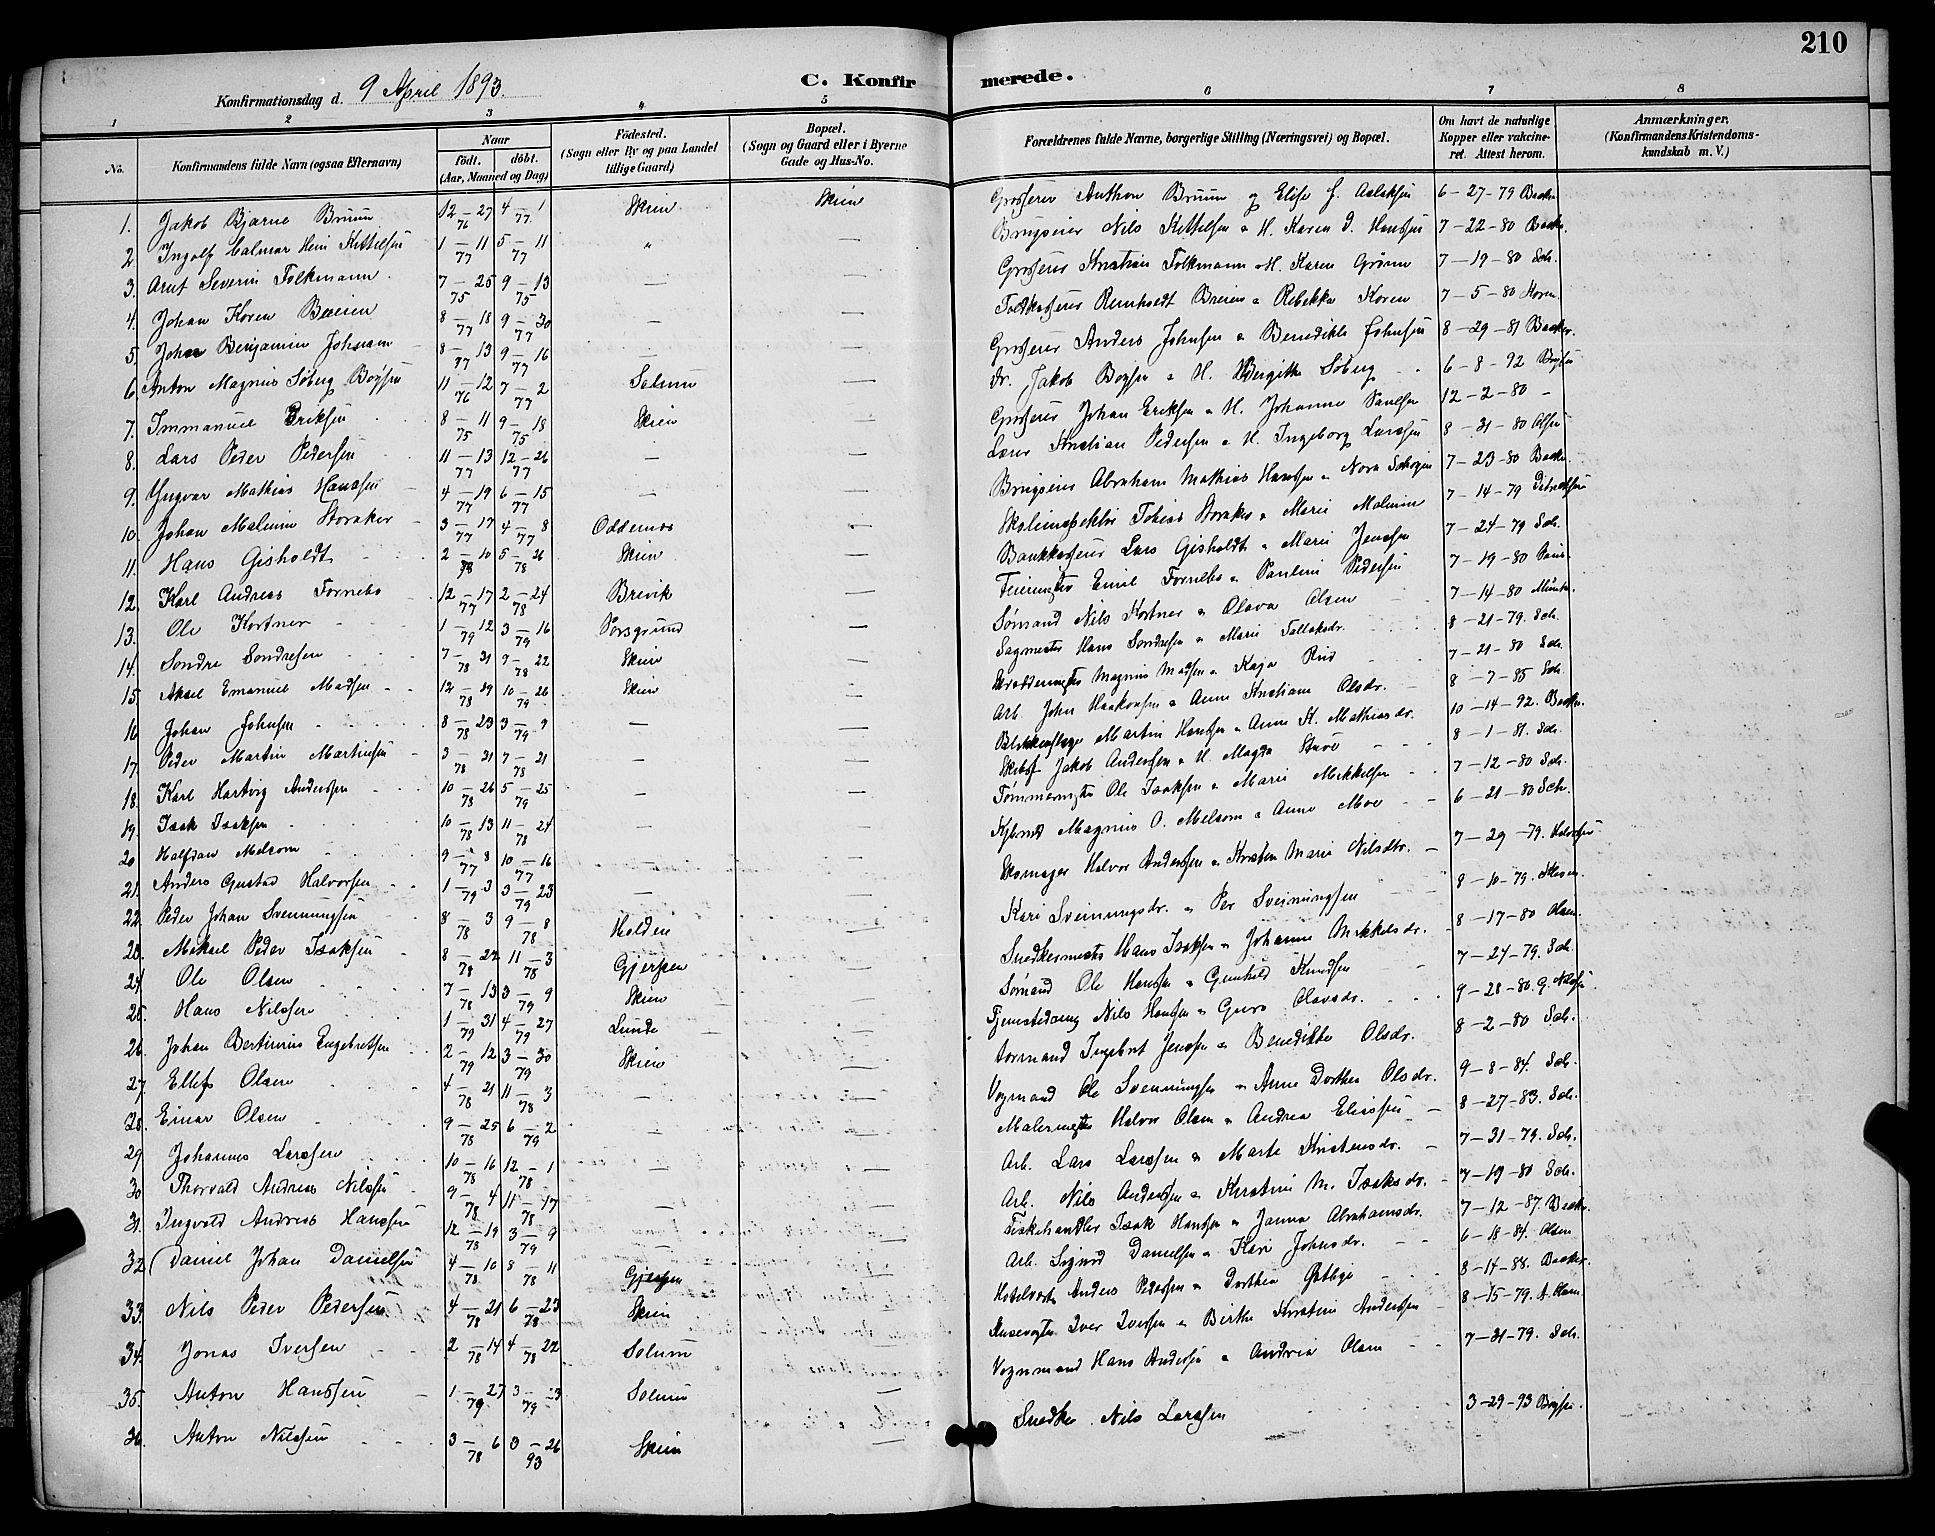 SAKO, Skien kirkebøker, G/Ga/L0007: Klokkerbok nr. 7, 1891-1900, s. 210